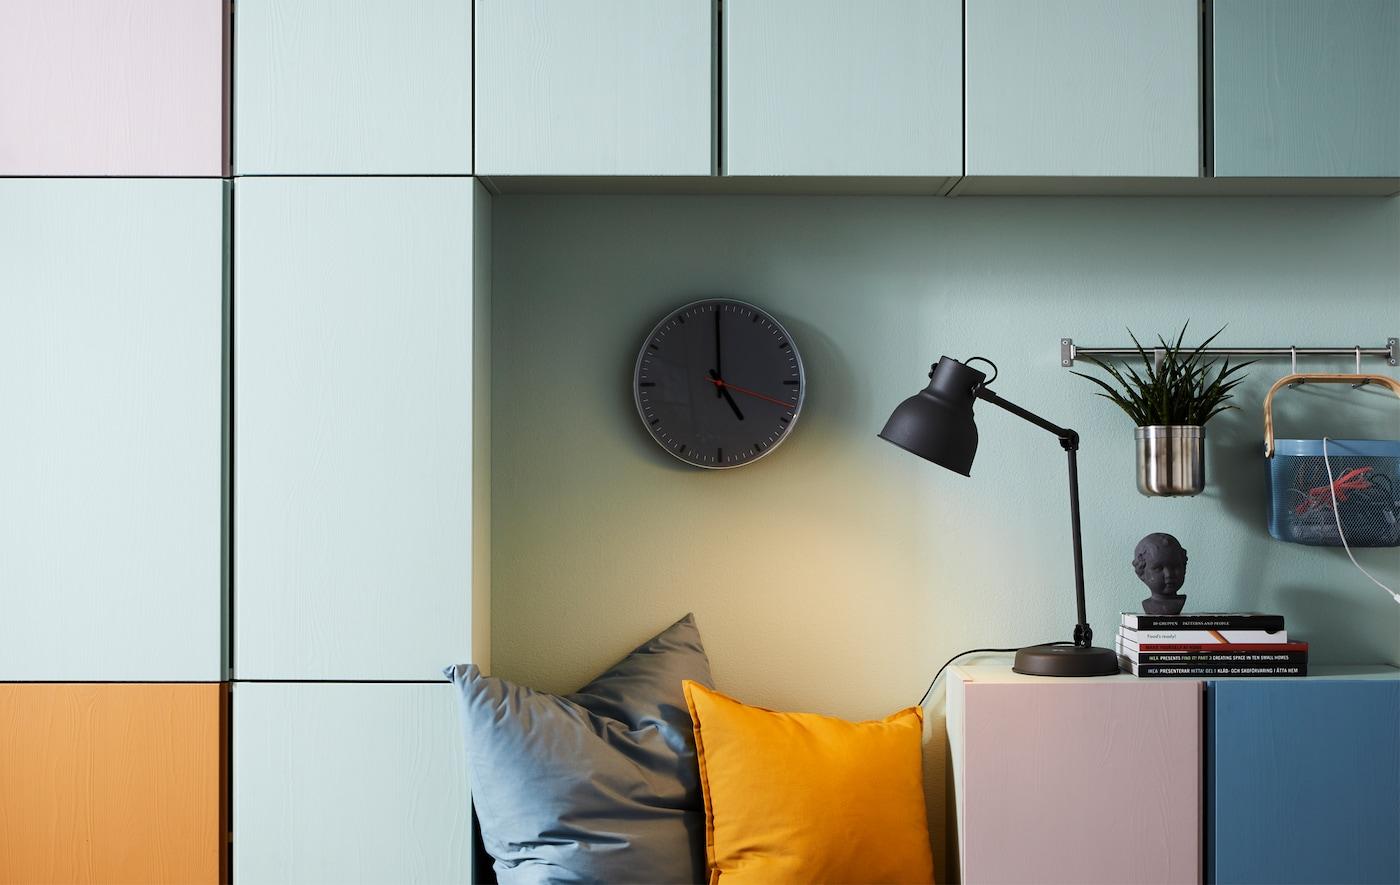 Gemütliche Leseecke mit Wanduhr, Kissen, Lampe & IVAR Regalen, die farblich markiert sind.